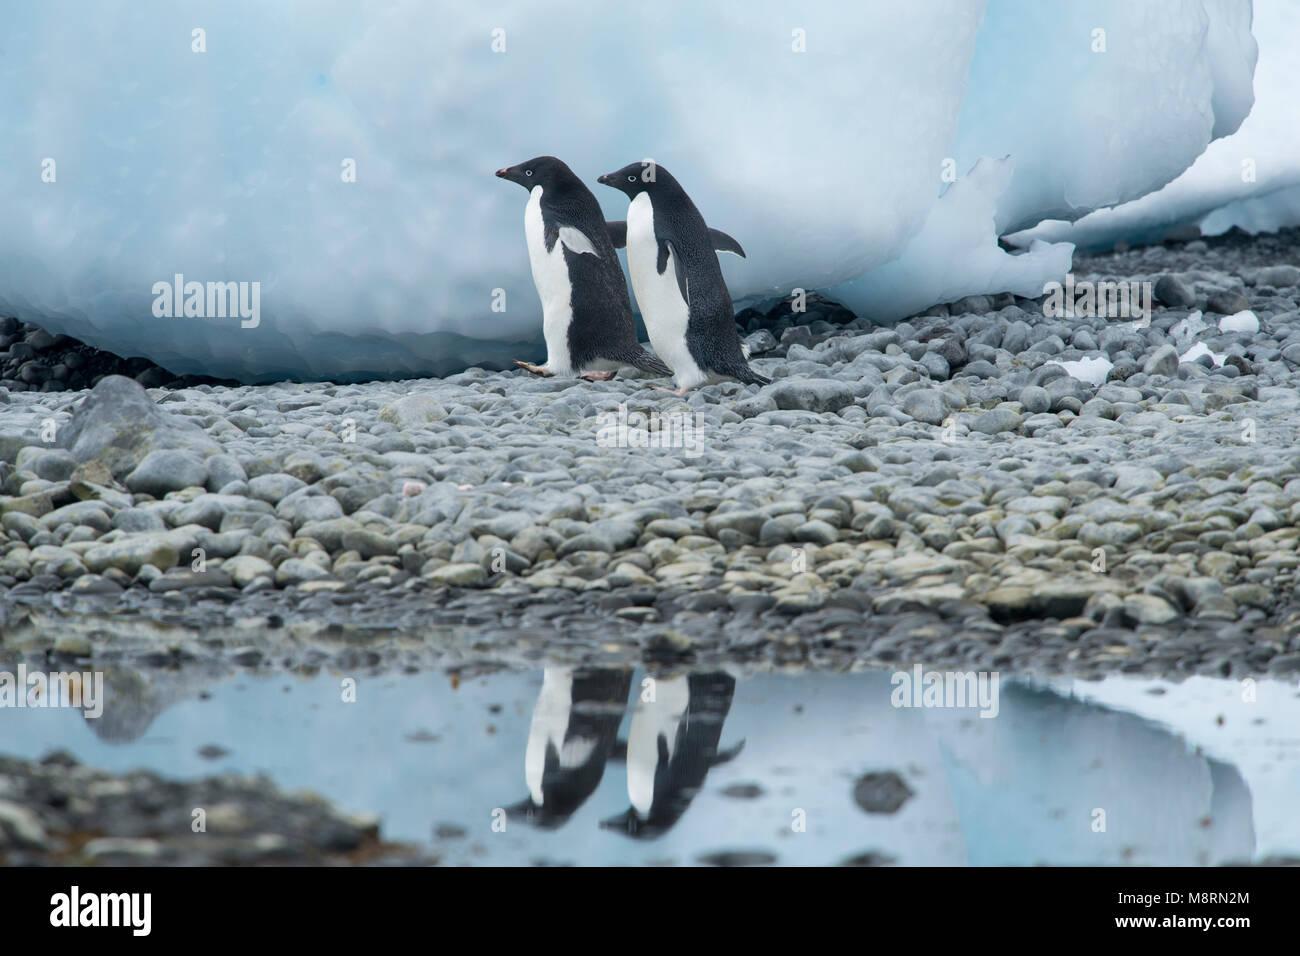 Deux manchots adélies promenades le long du littoral d'un reflet dans l'eau à Brown Bluff, l'Antarctique. Photo Stock